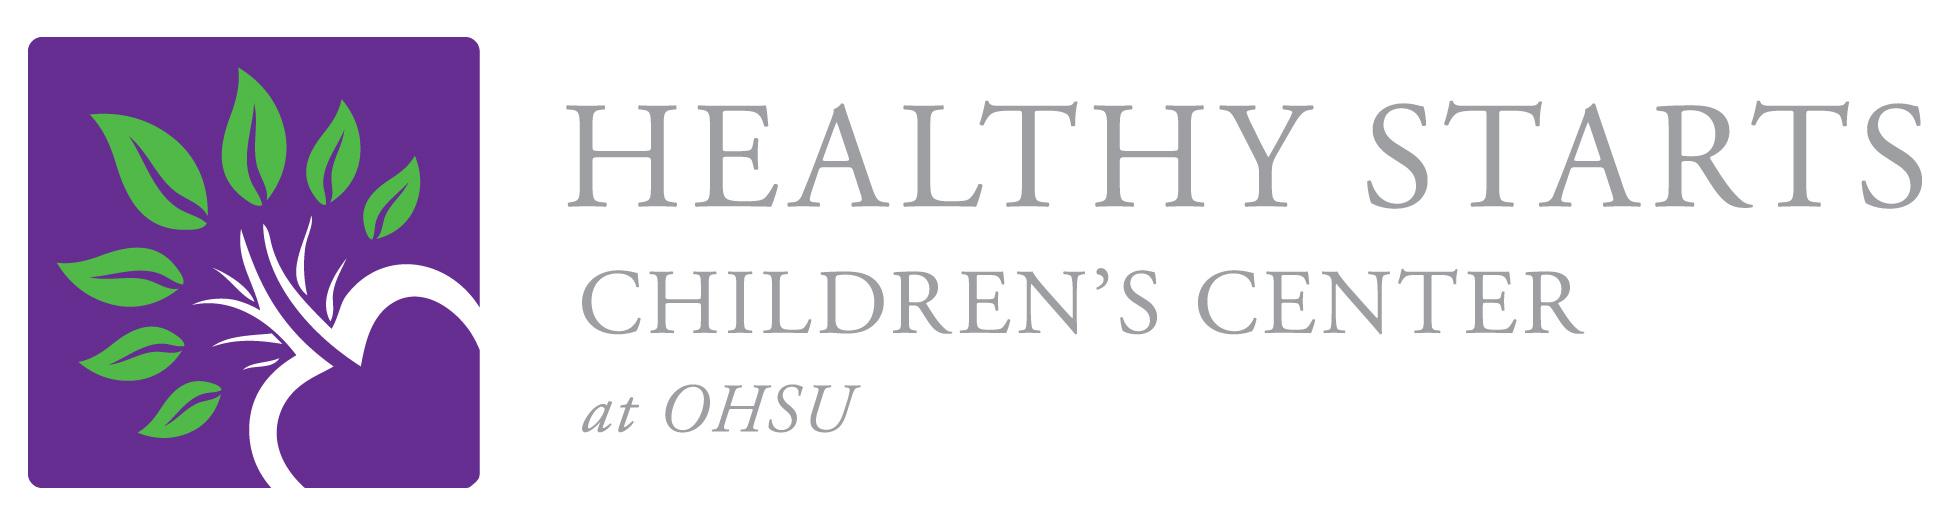 Healthy Starts Children's Center   971-230-2342